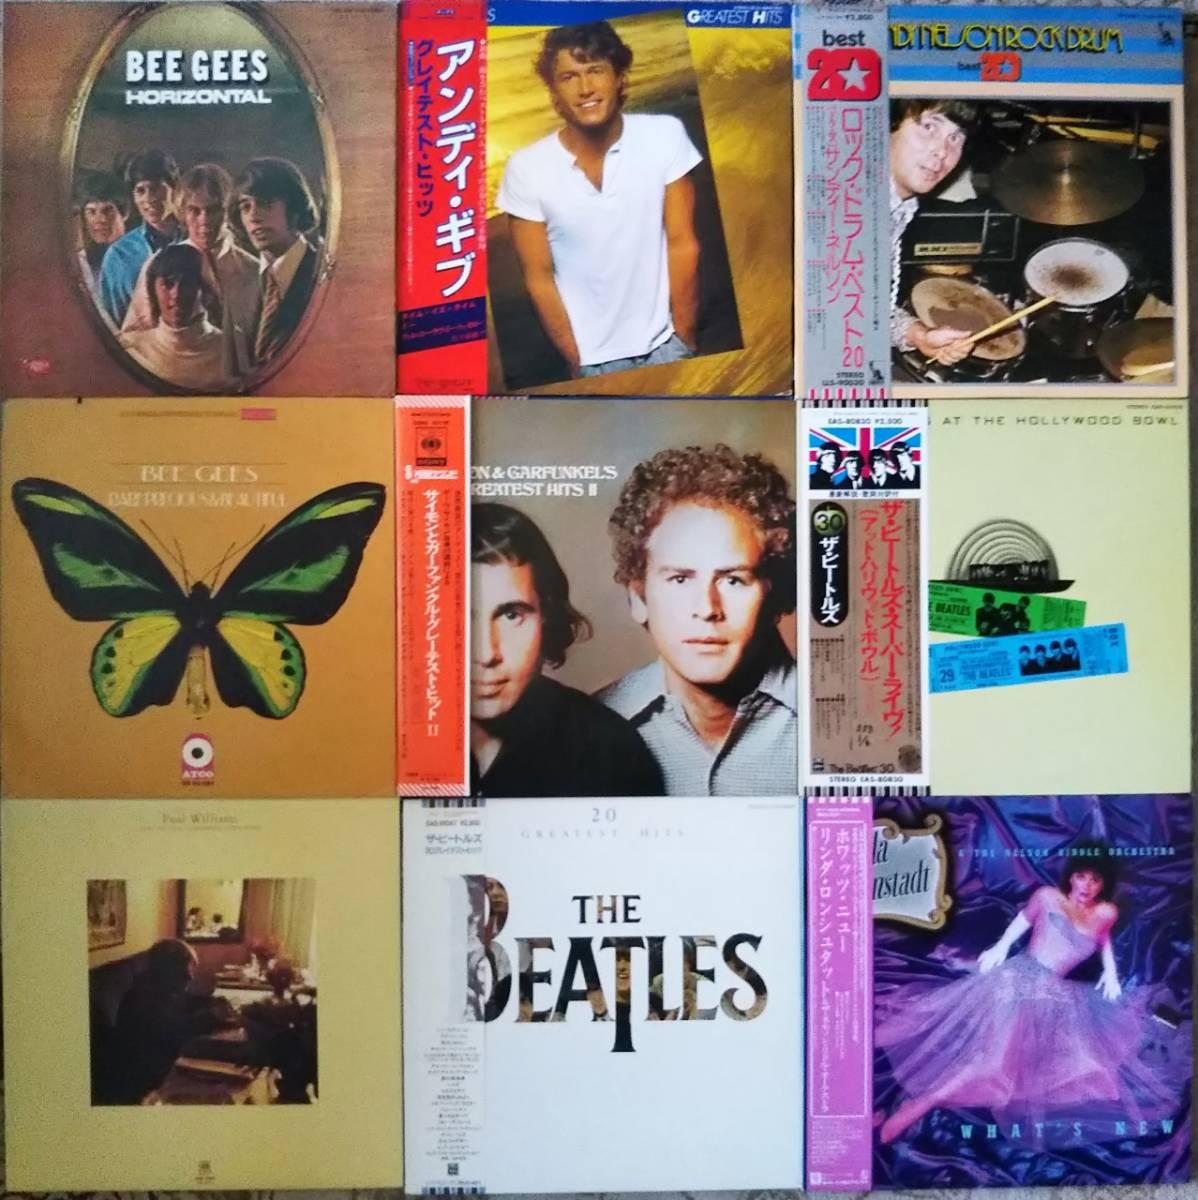 洋楽 LP45枚セット BEATLES ビートルズ、ロック、AOR、リンダ・ロンシュタット、ABBA、ボブ・ディラン、SOUL、FUSION、ビージーズなど_画像5